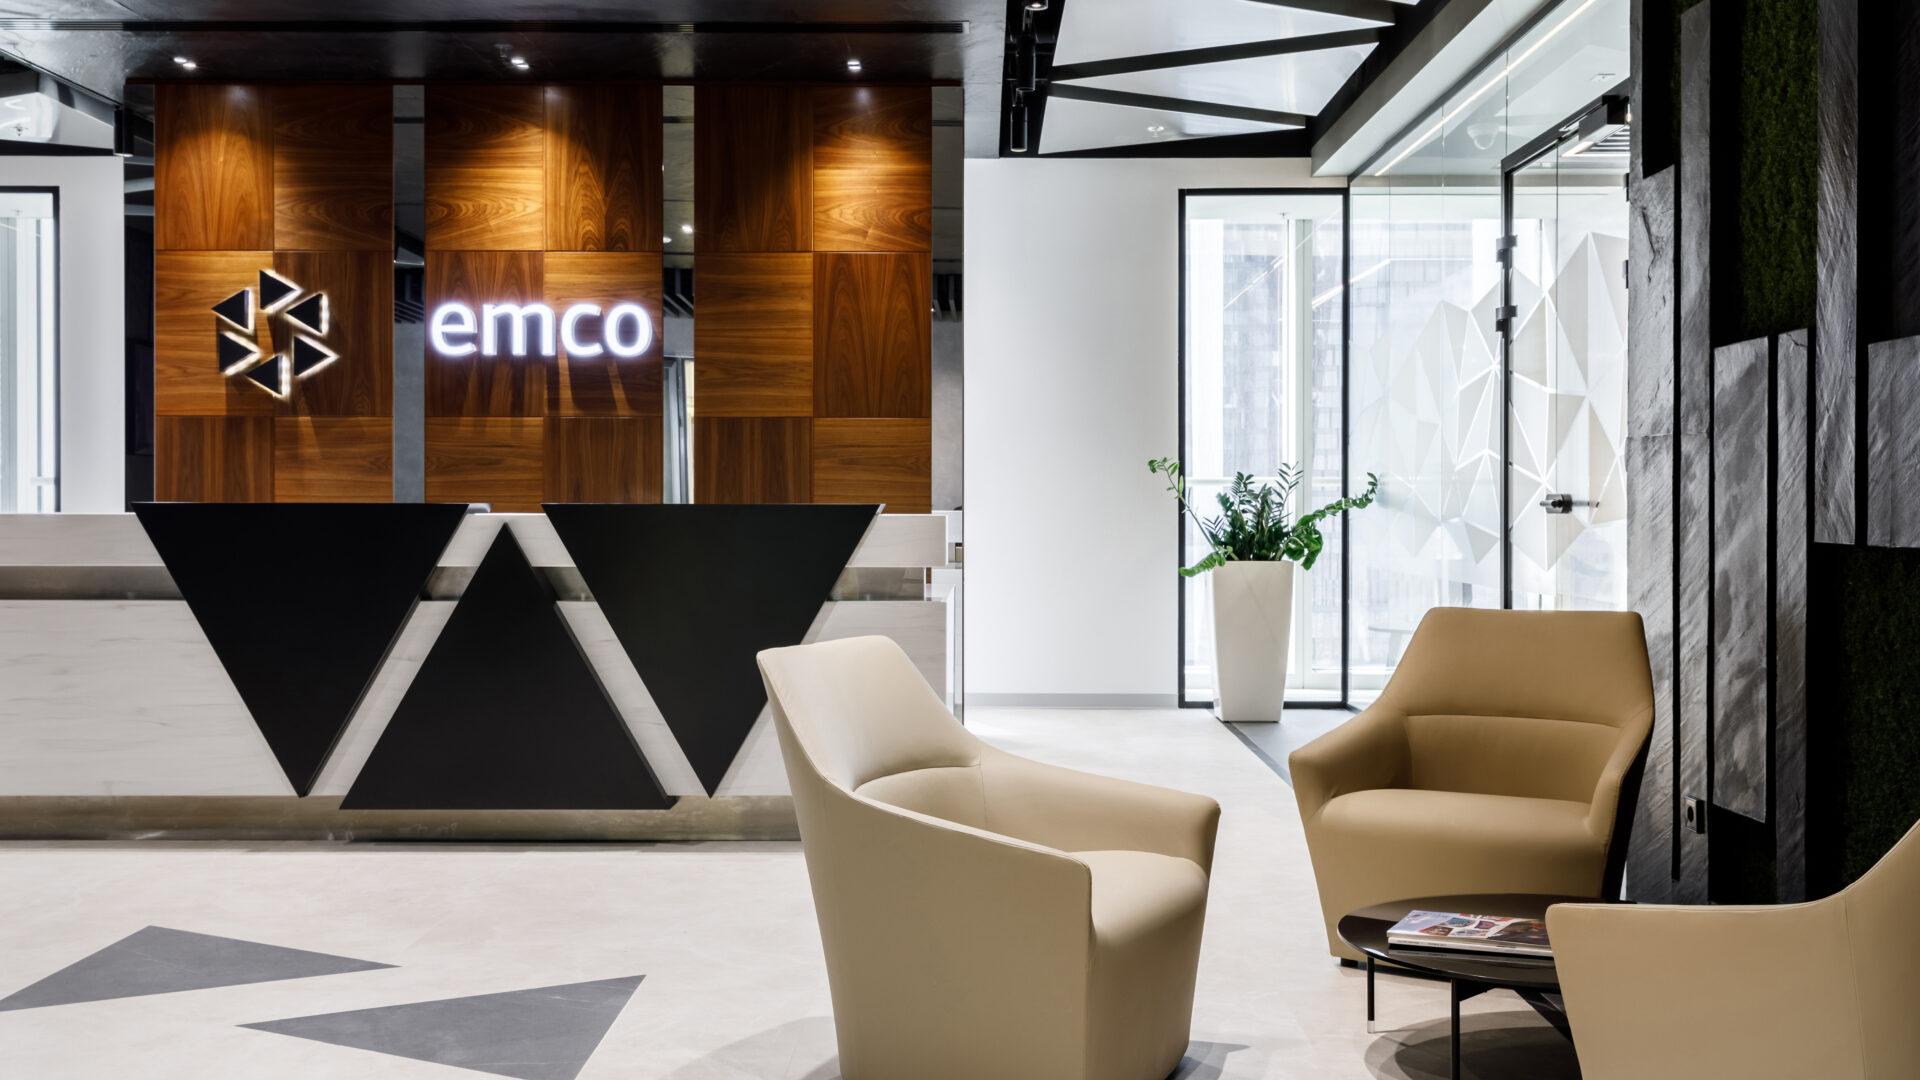 emco-05